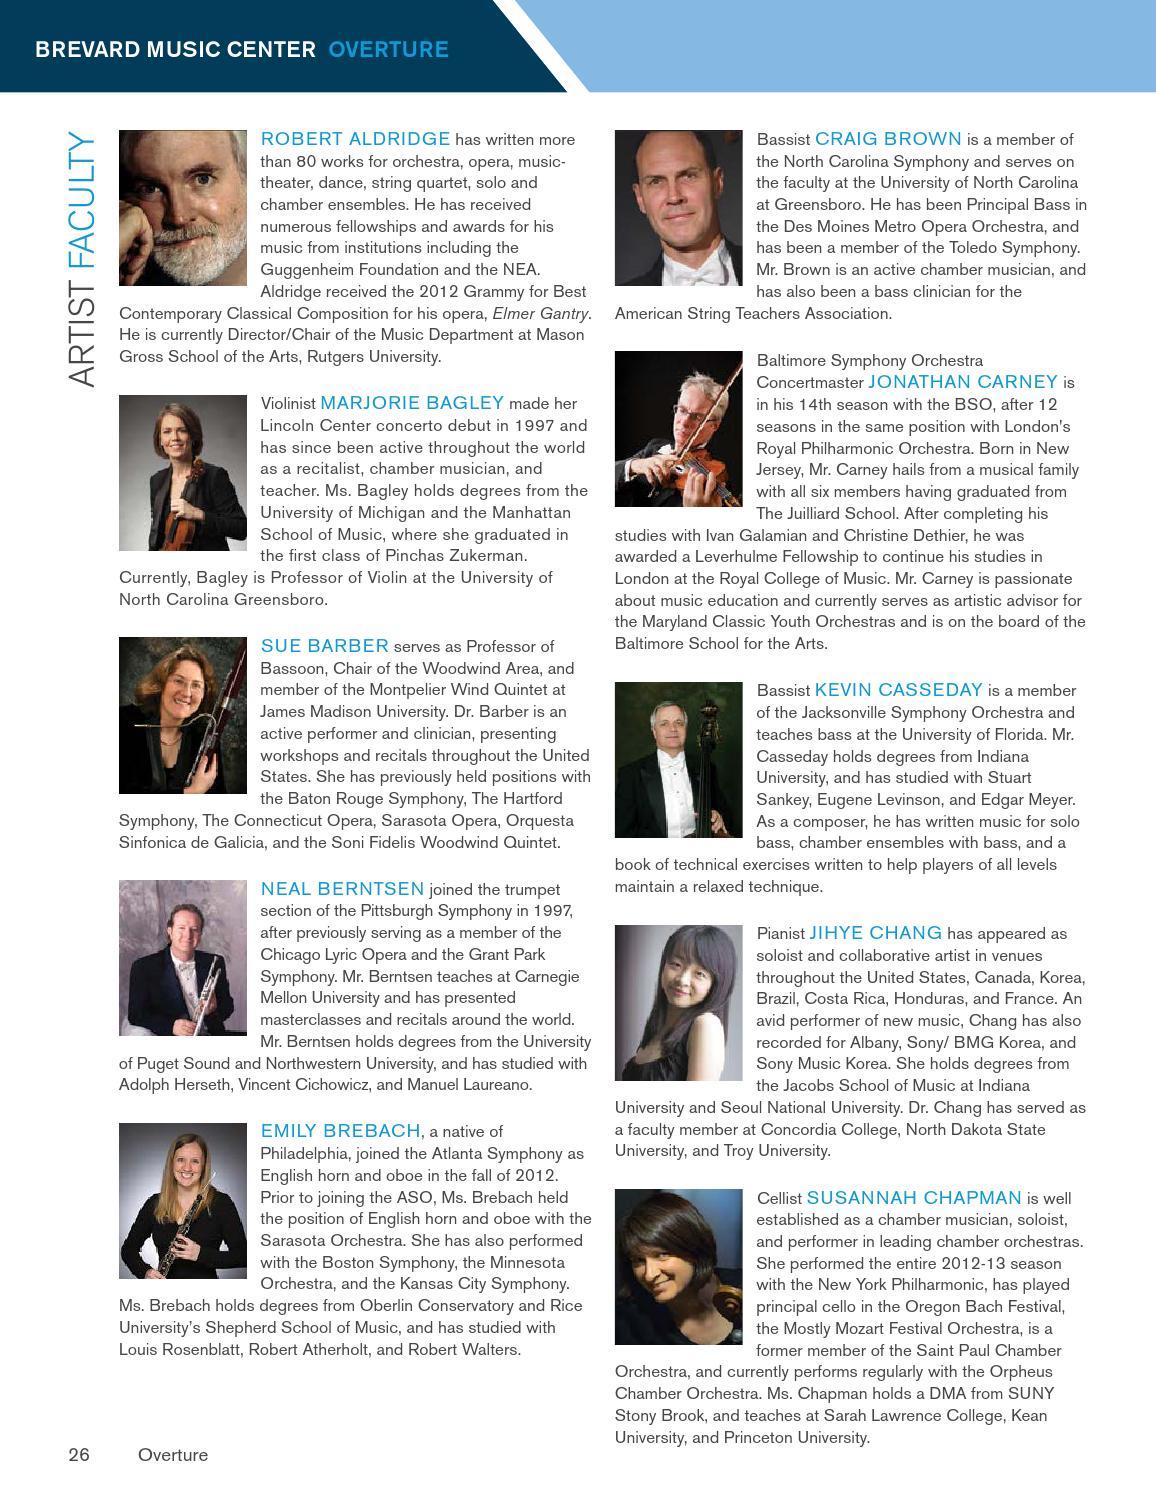 2015 Brevard Music Center Overture Magazine by Brevard Music Center